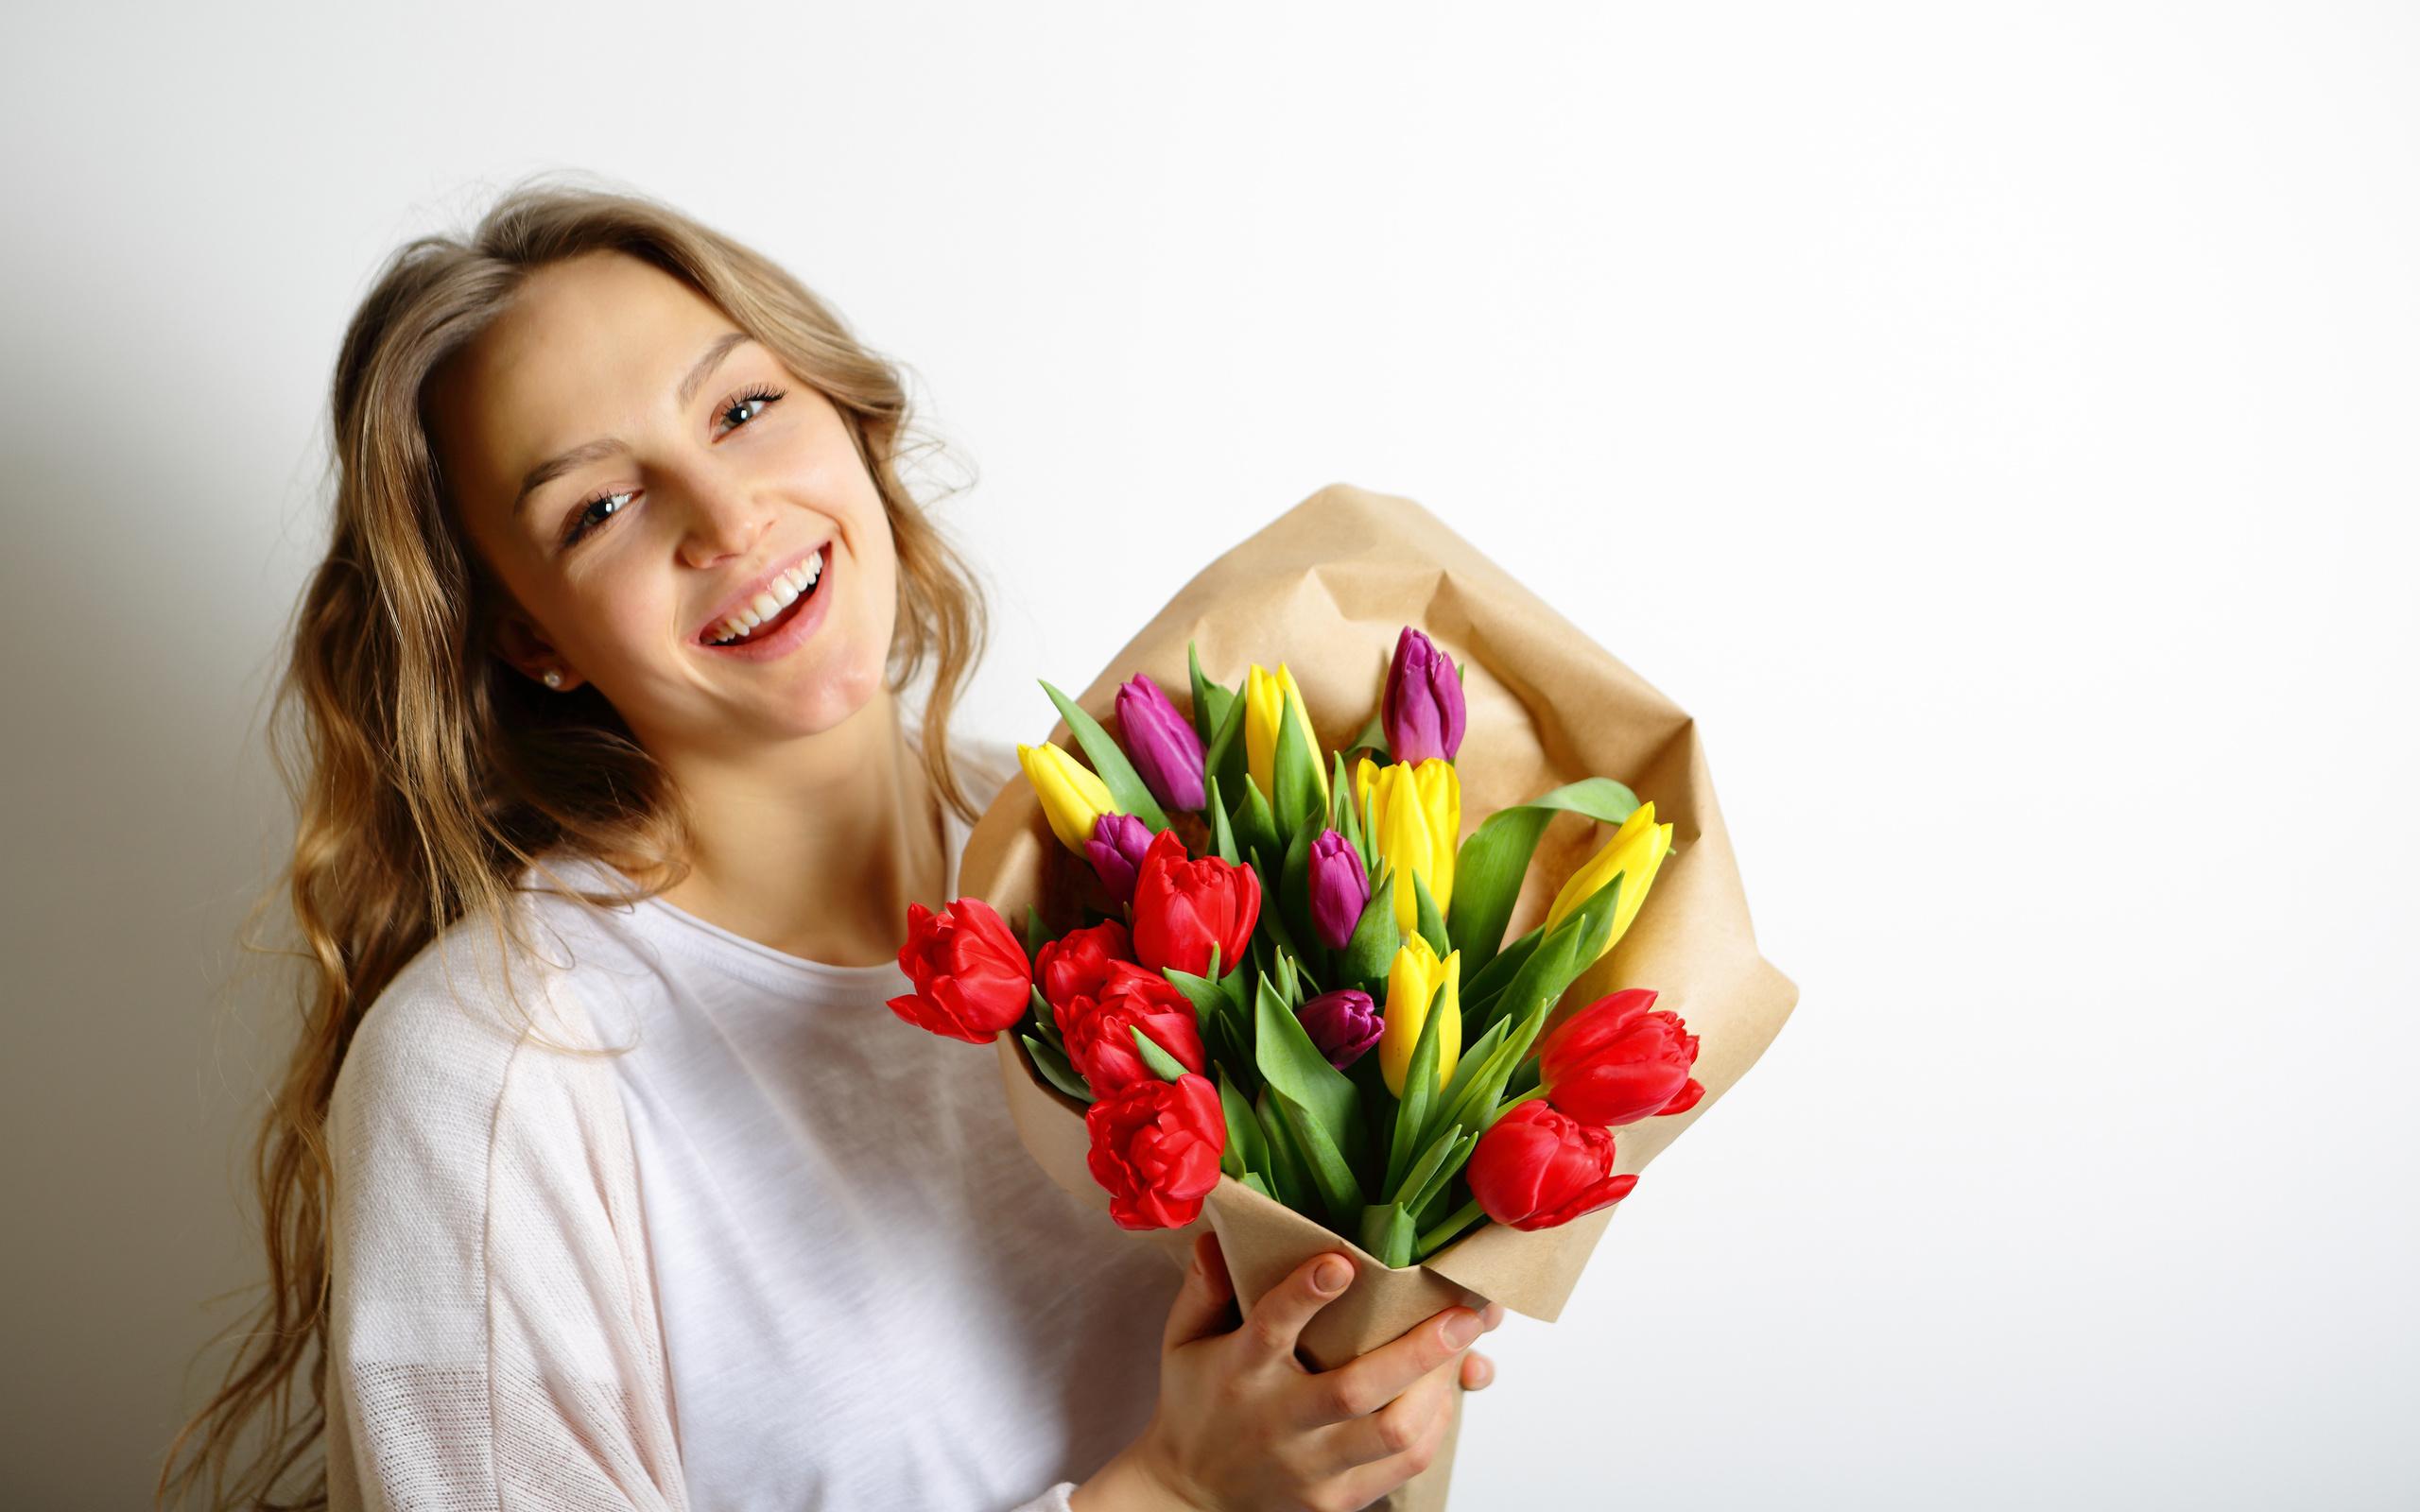 Картинки девочка с букетом цветов, смешные